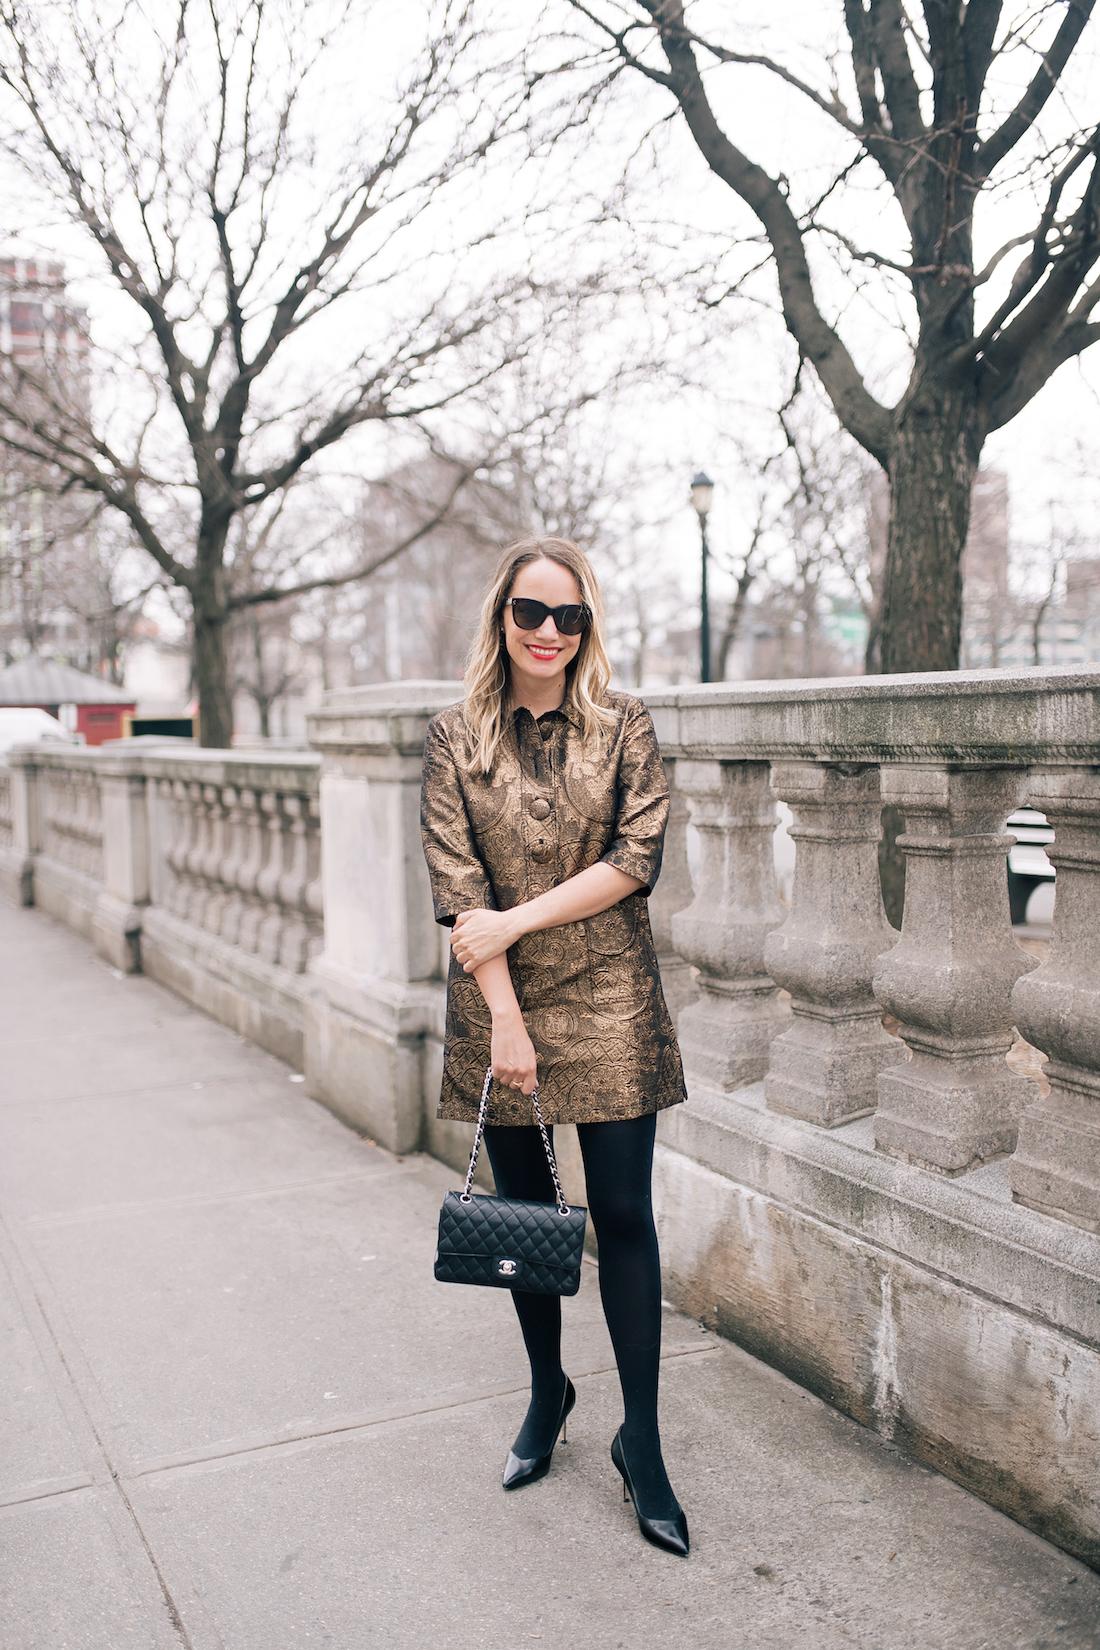 Grace Atwwod is wearing aDovima Paris Dress